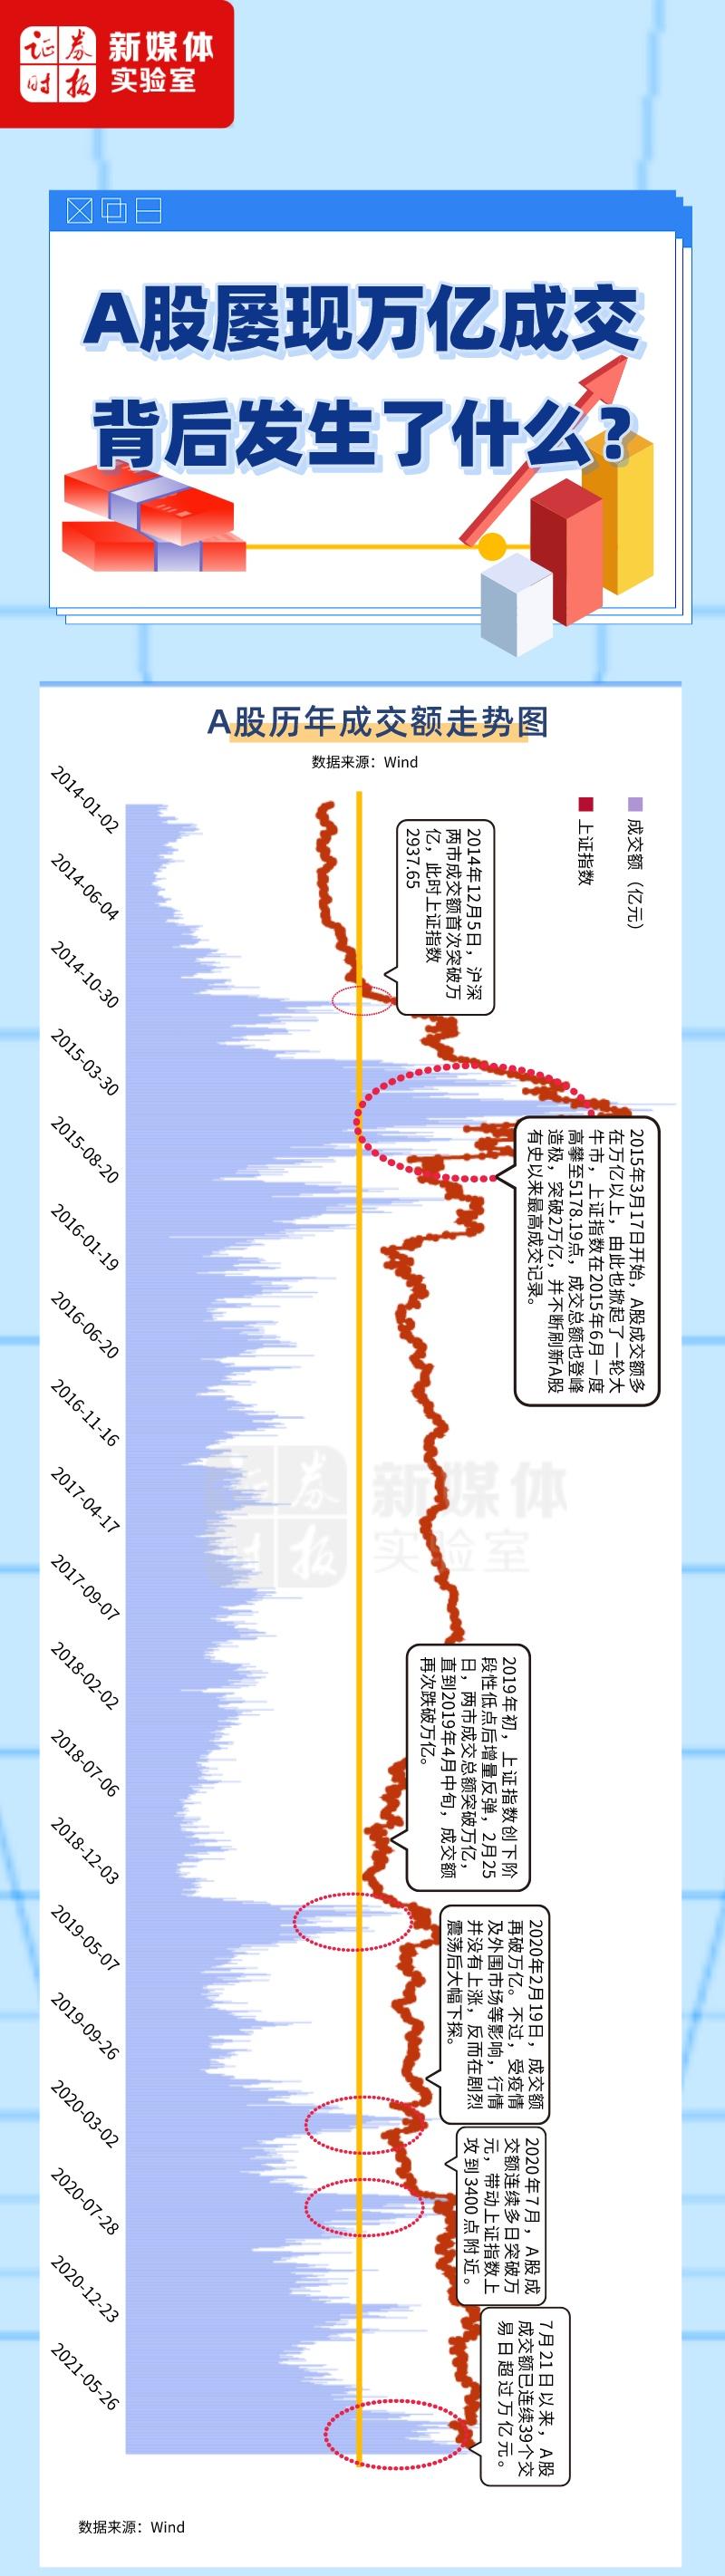 一图看懂丨A股屡现万亿成交 背后发生了什么?